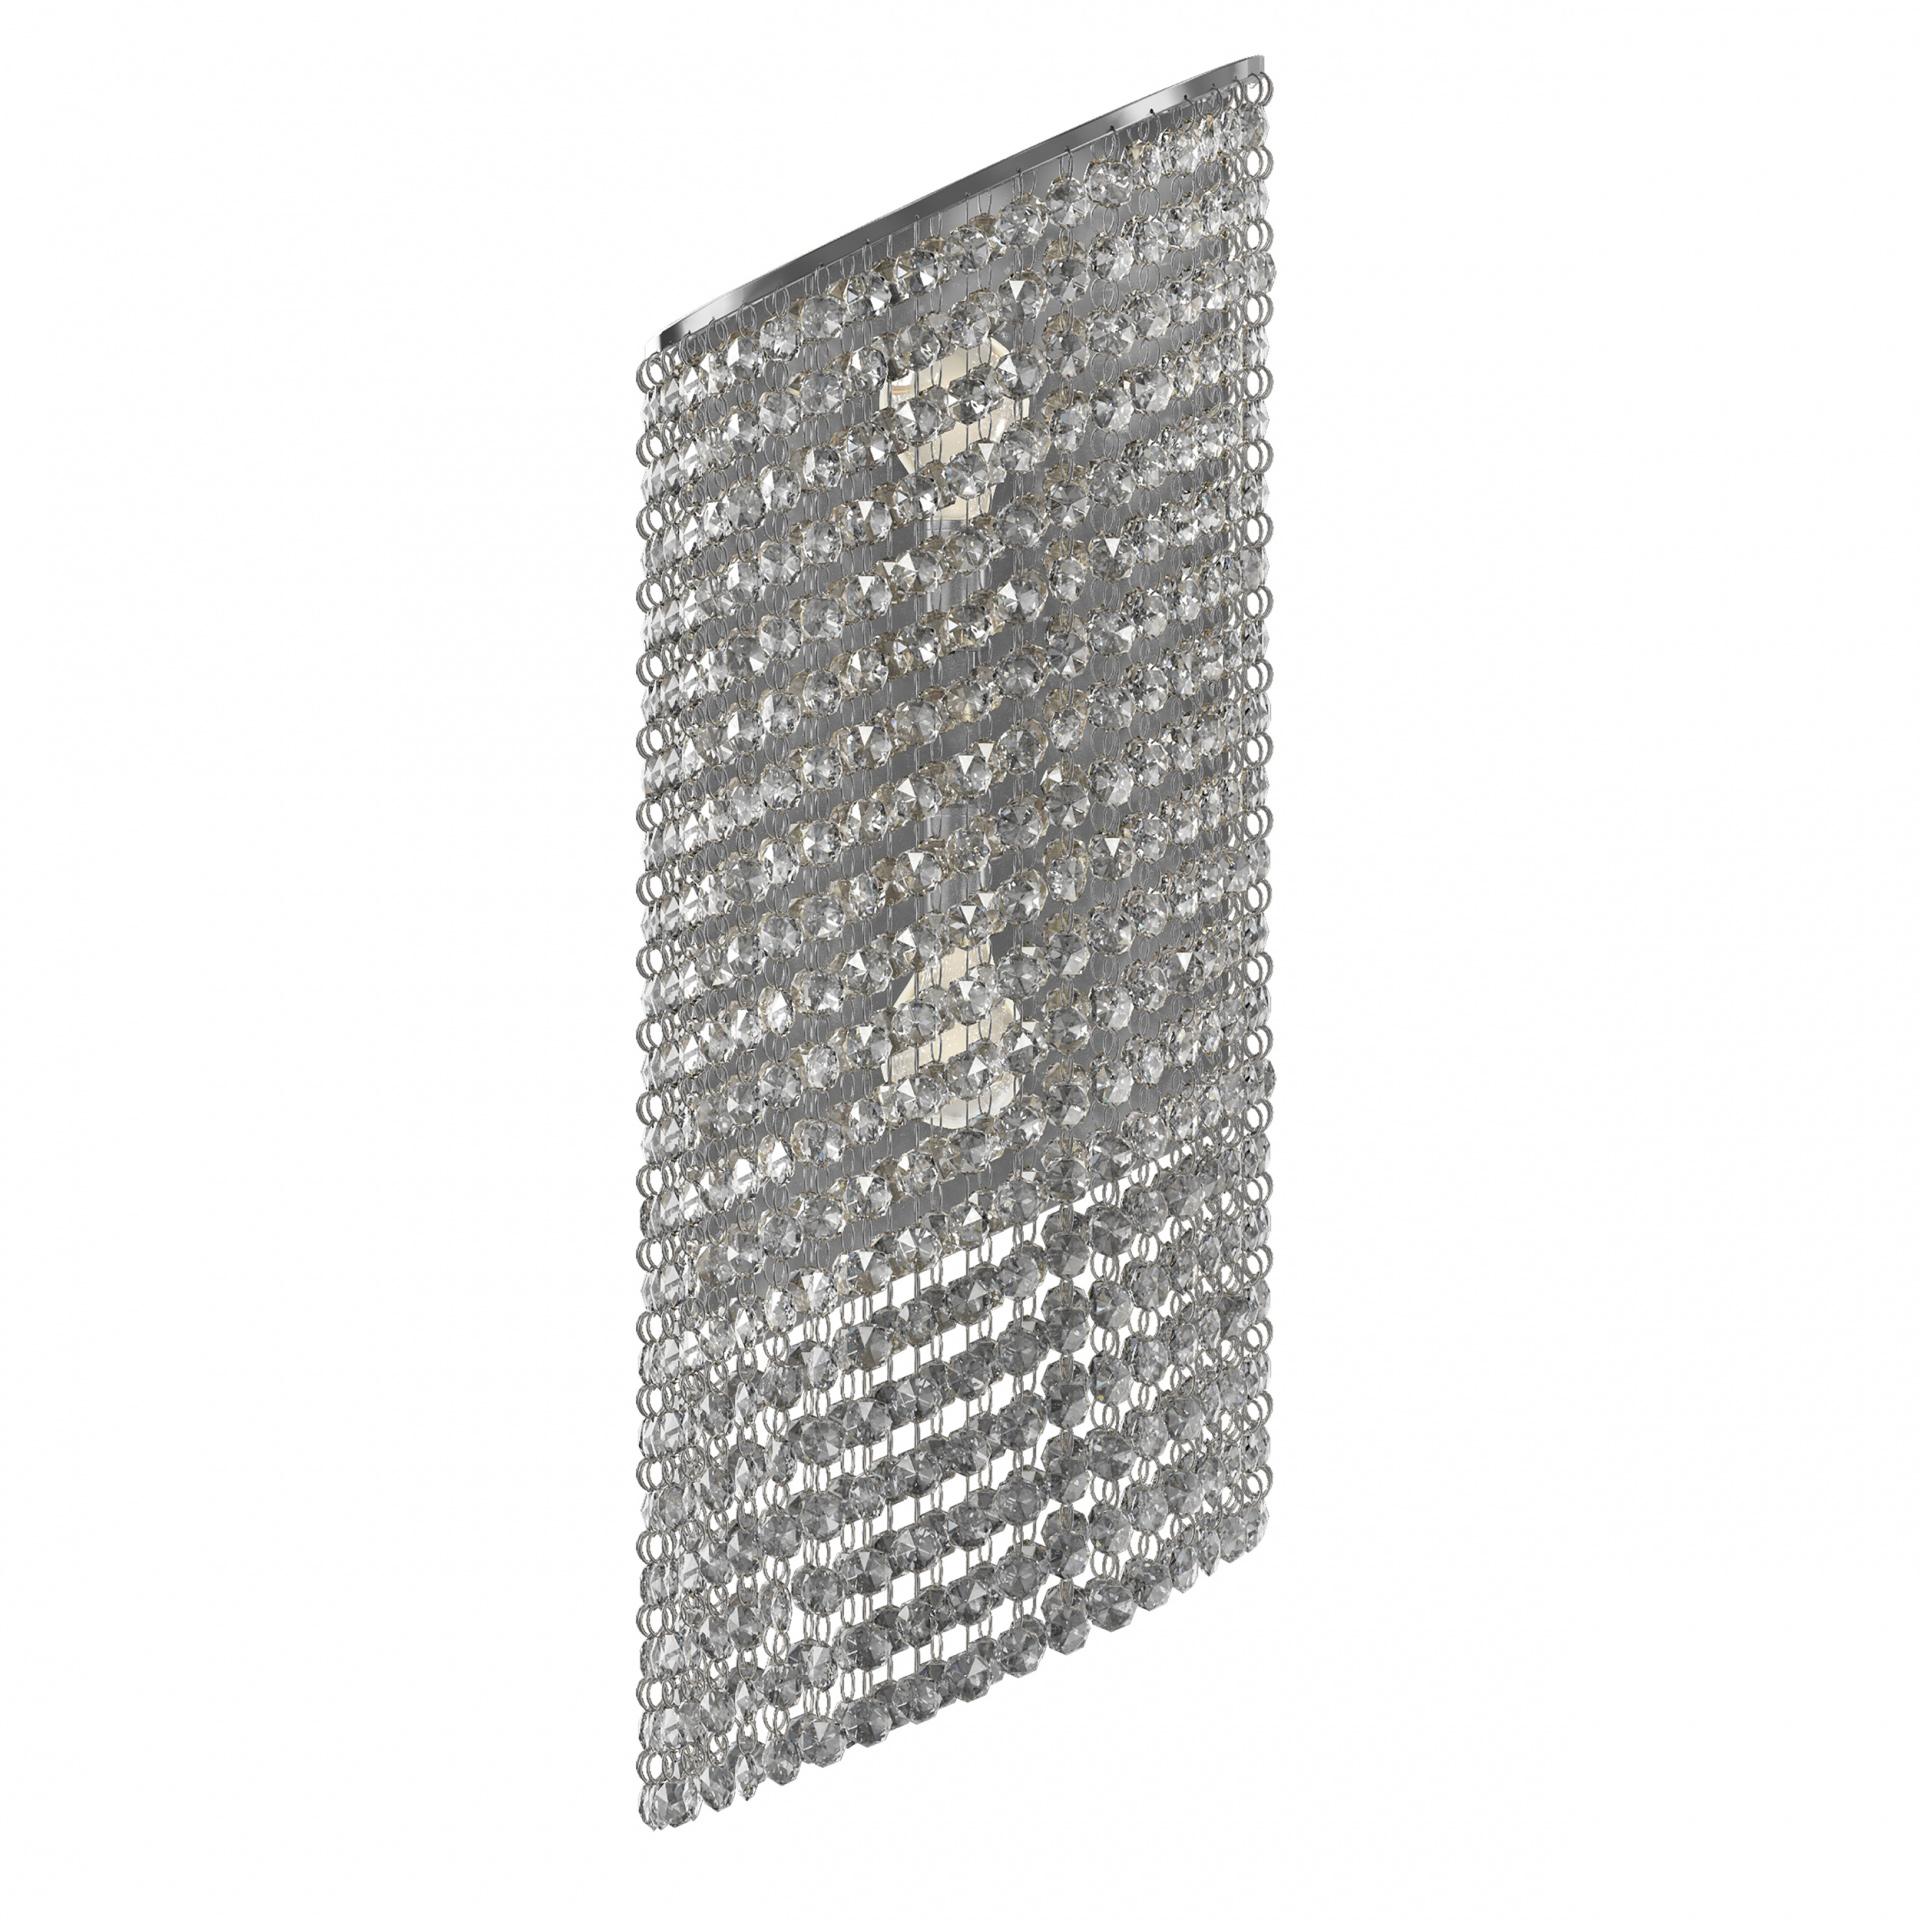 Бра Nuvola 2х40W E14 хром Osgona 709634, купить в СПб, Москве, с доставкой, Санкт-Петербург, интернет-магазин люстр и светильников Starlight, фото в жизни